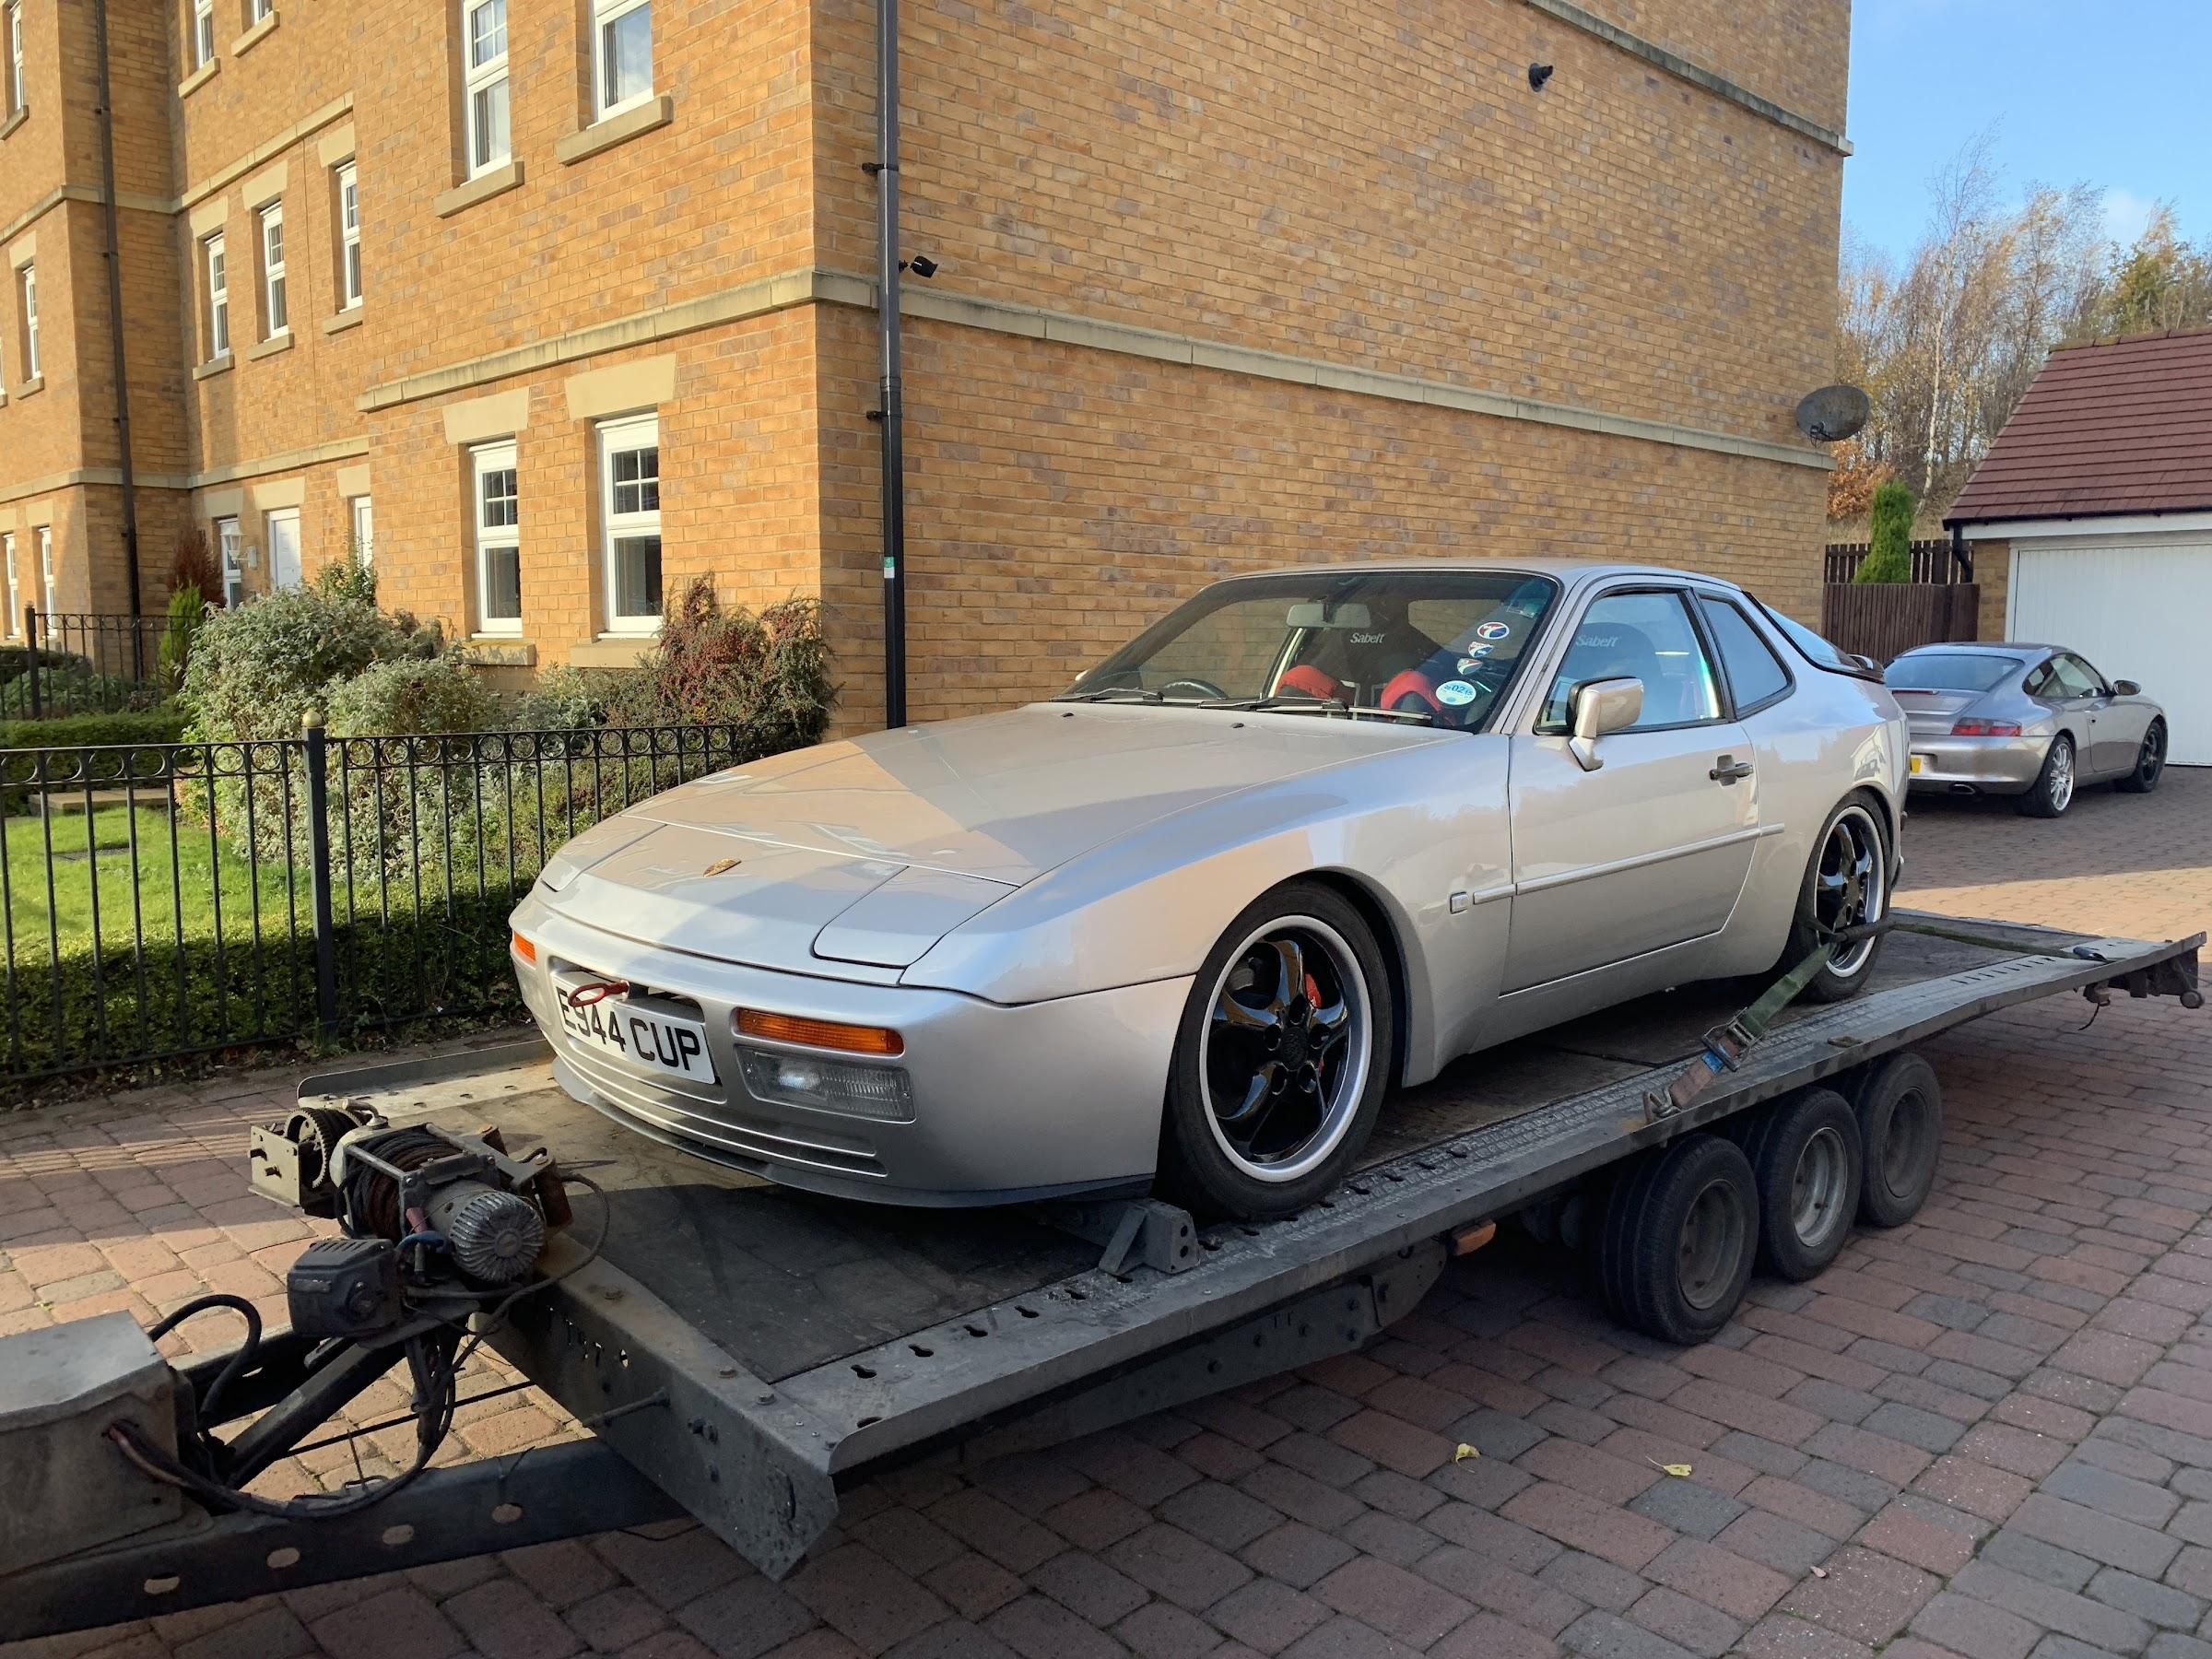 944 Turbo S Engine Rebuild Thread Porsche Forum From Porsche Club Gb